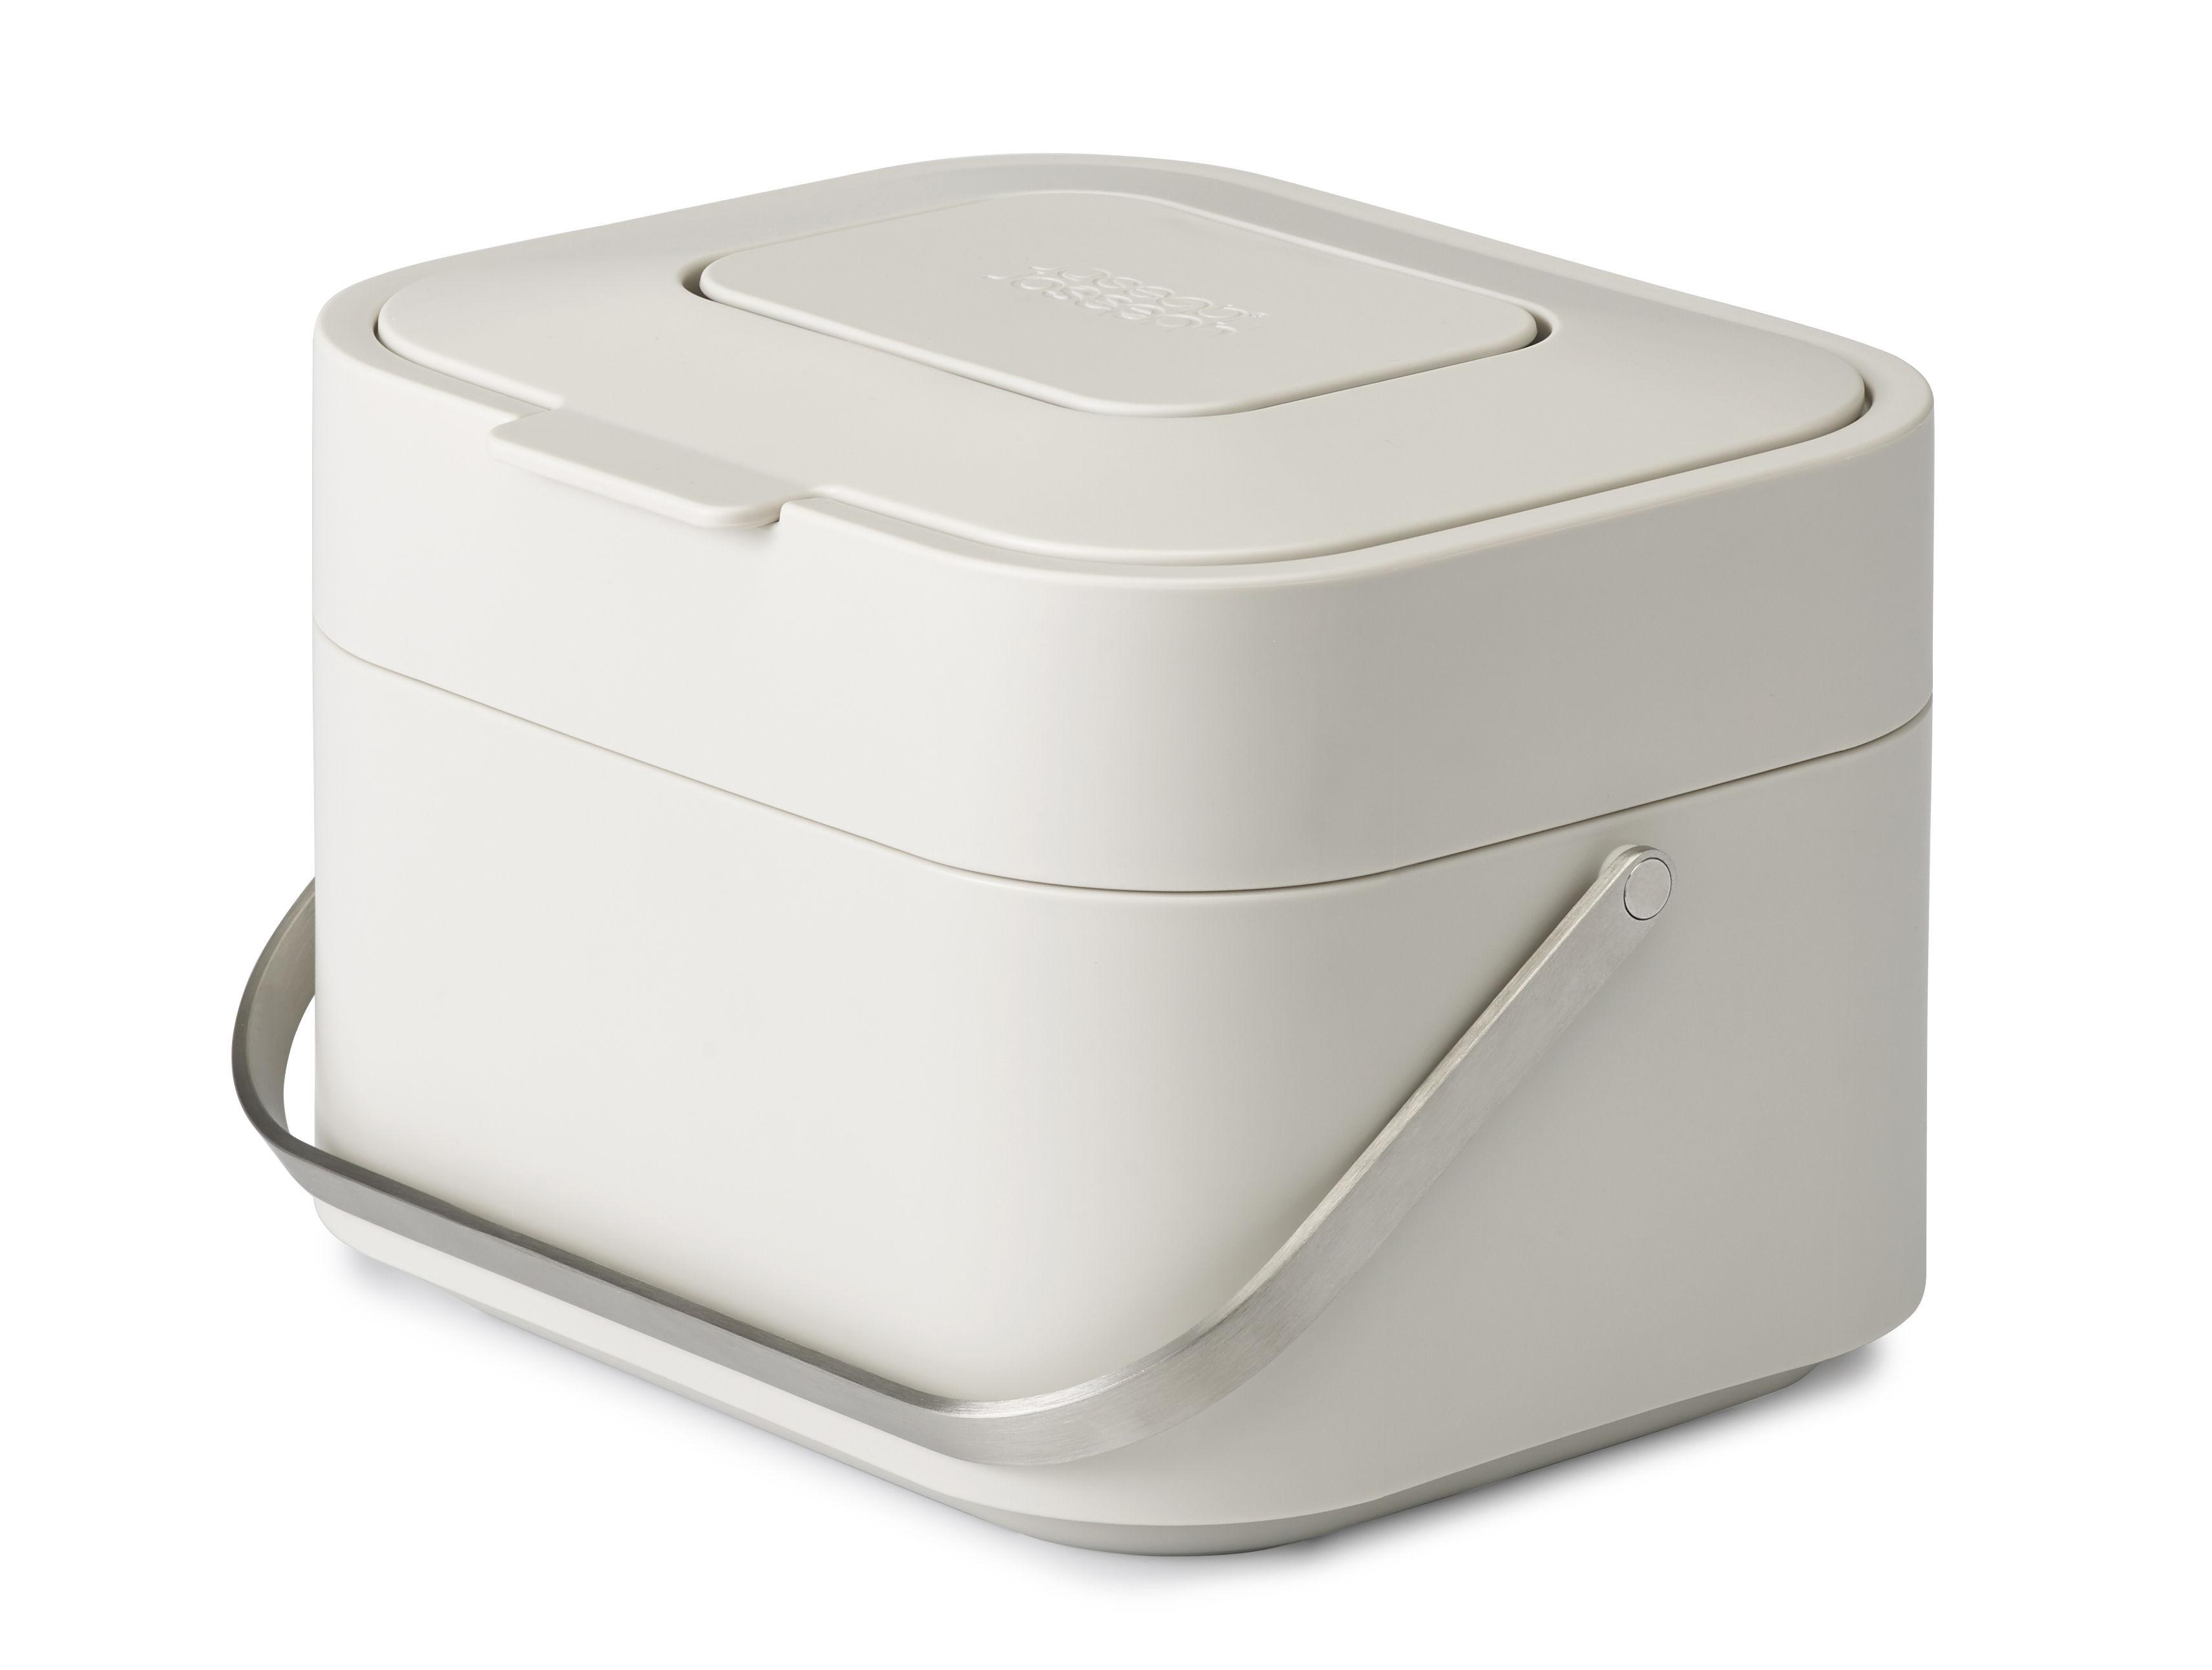 Küche - Mülleimer - Stack Abfallbehälter /  mit Geruchsfilter - Joseph Joseph - Steingrau - Edelstahl, Polypropylen